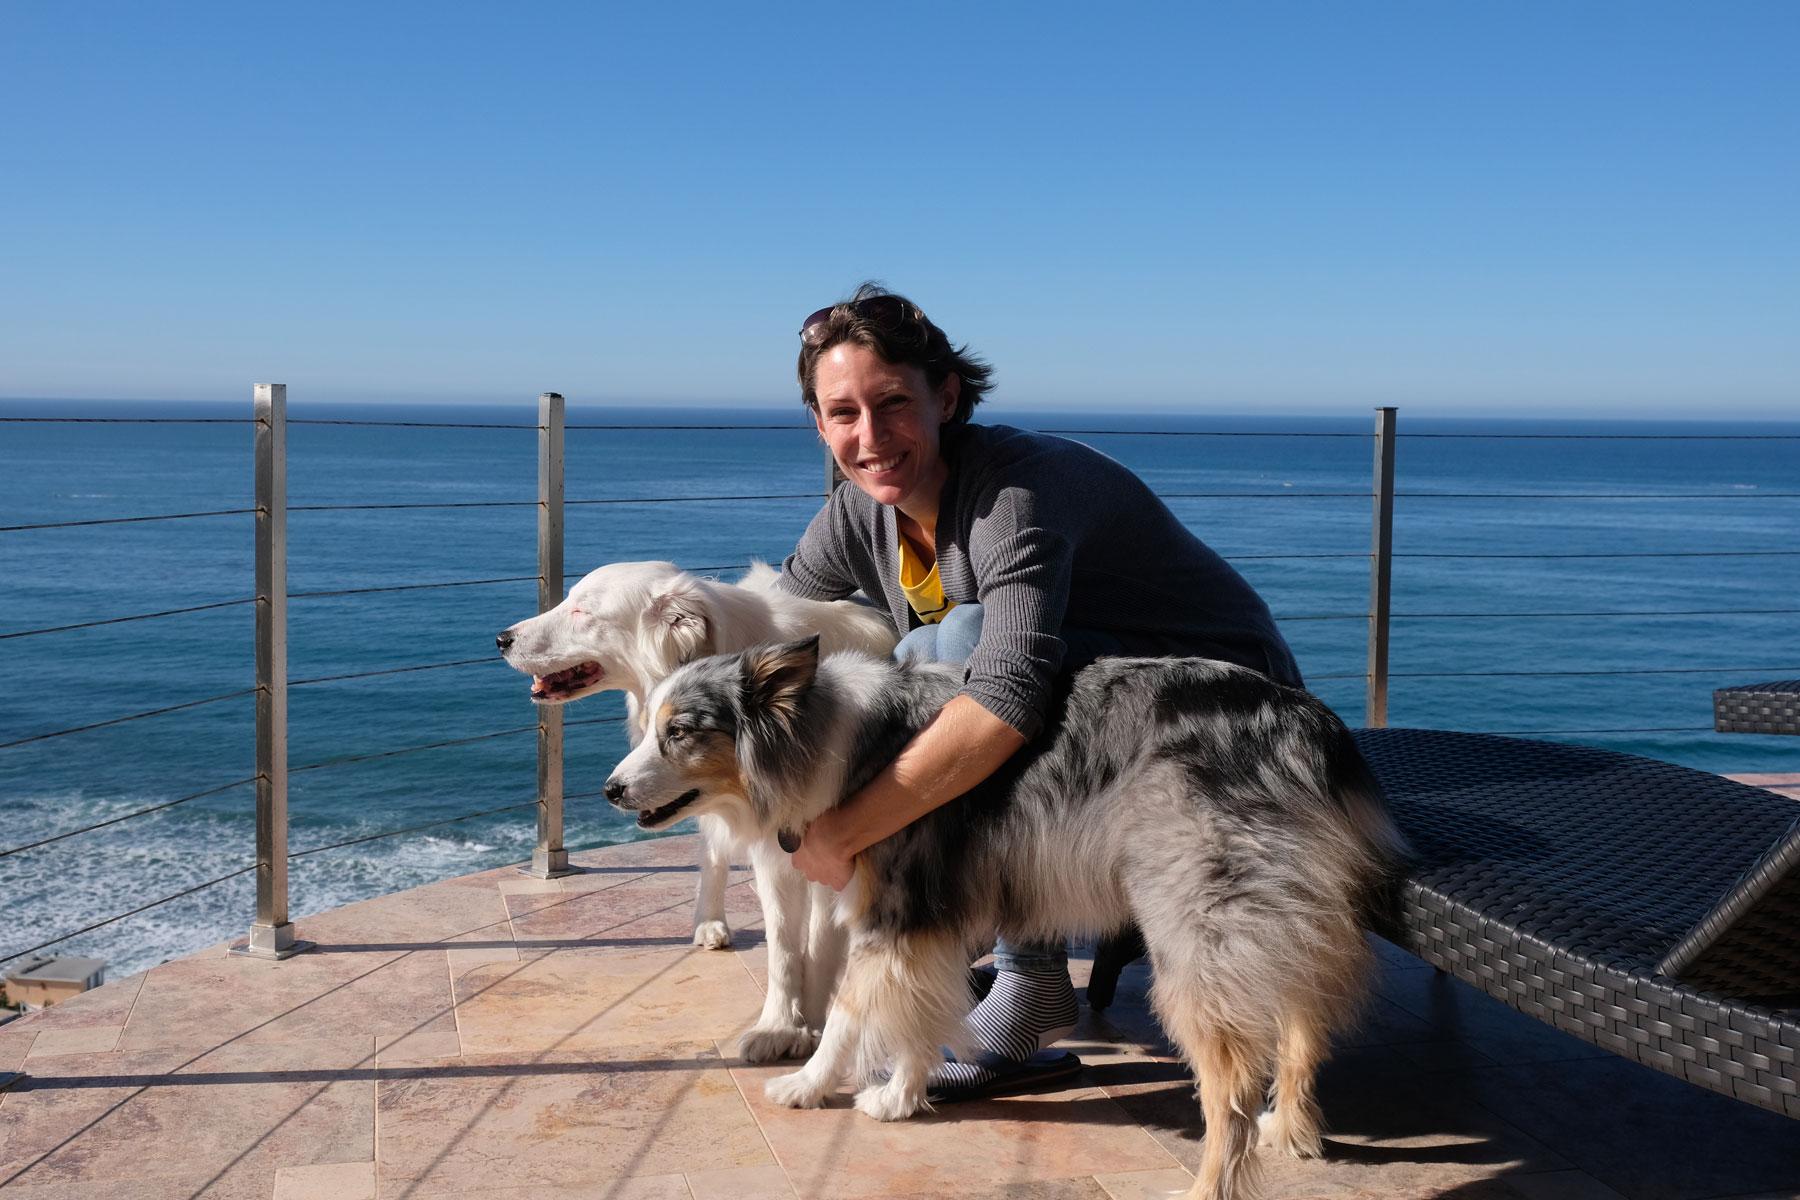 Leo beim House Sitting mit zwei Hunden auf einem Balkon am Meer.